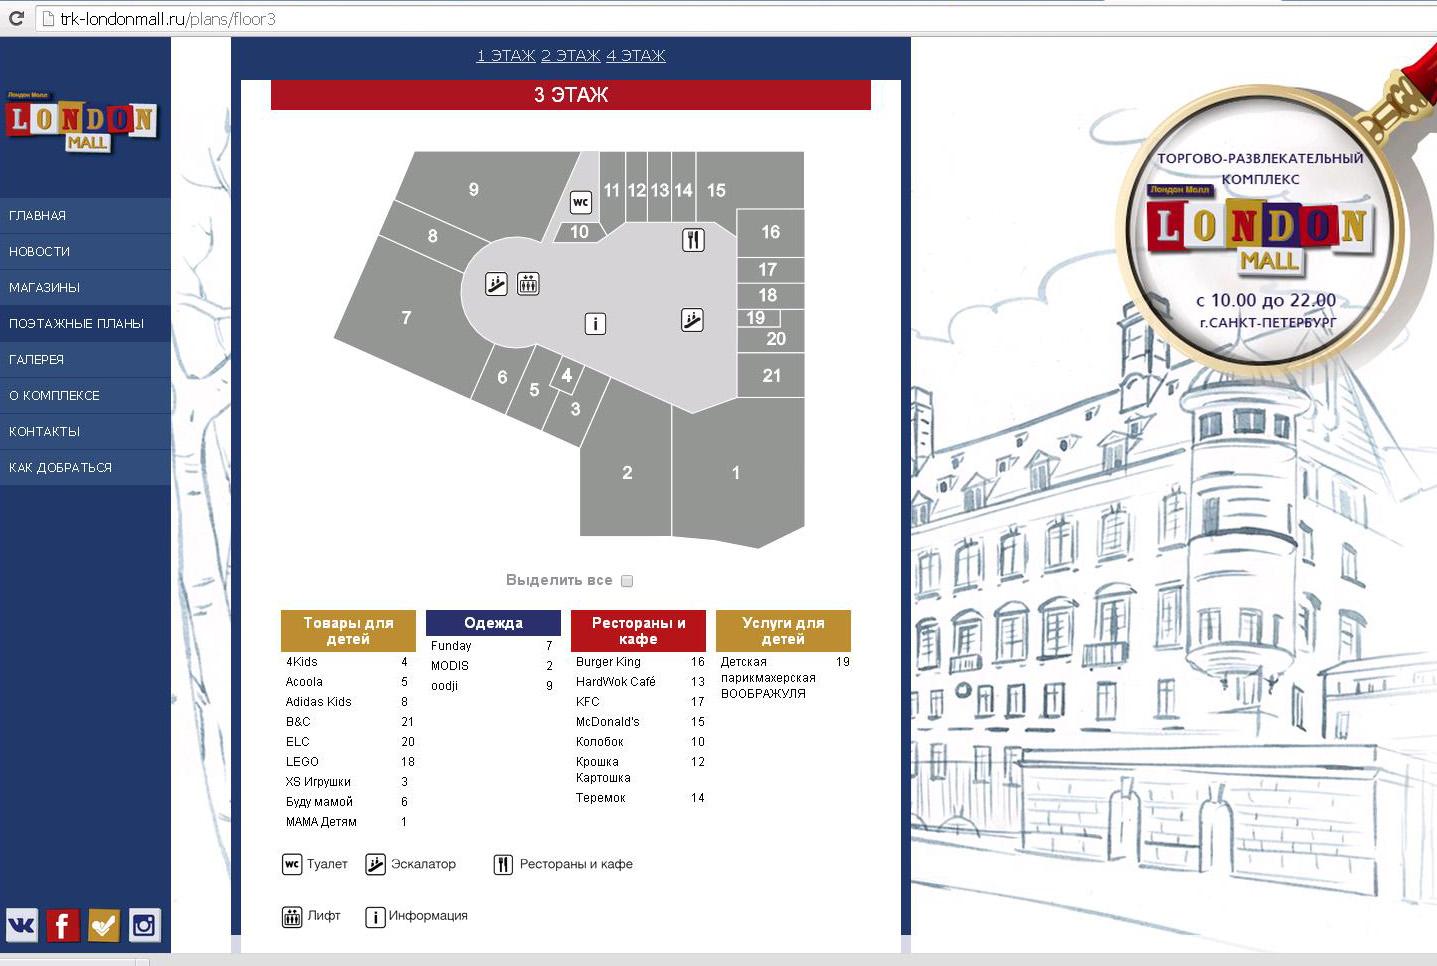 """Интерактивная карта этажей ТЦ """"Лондон-Молл"""" в Питере"""